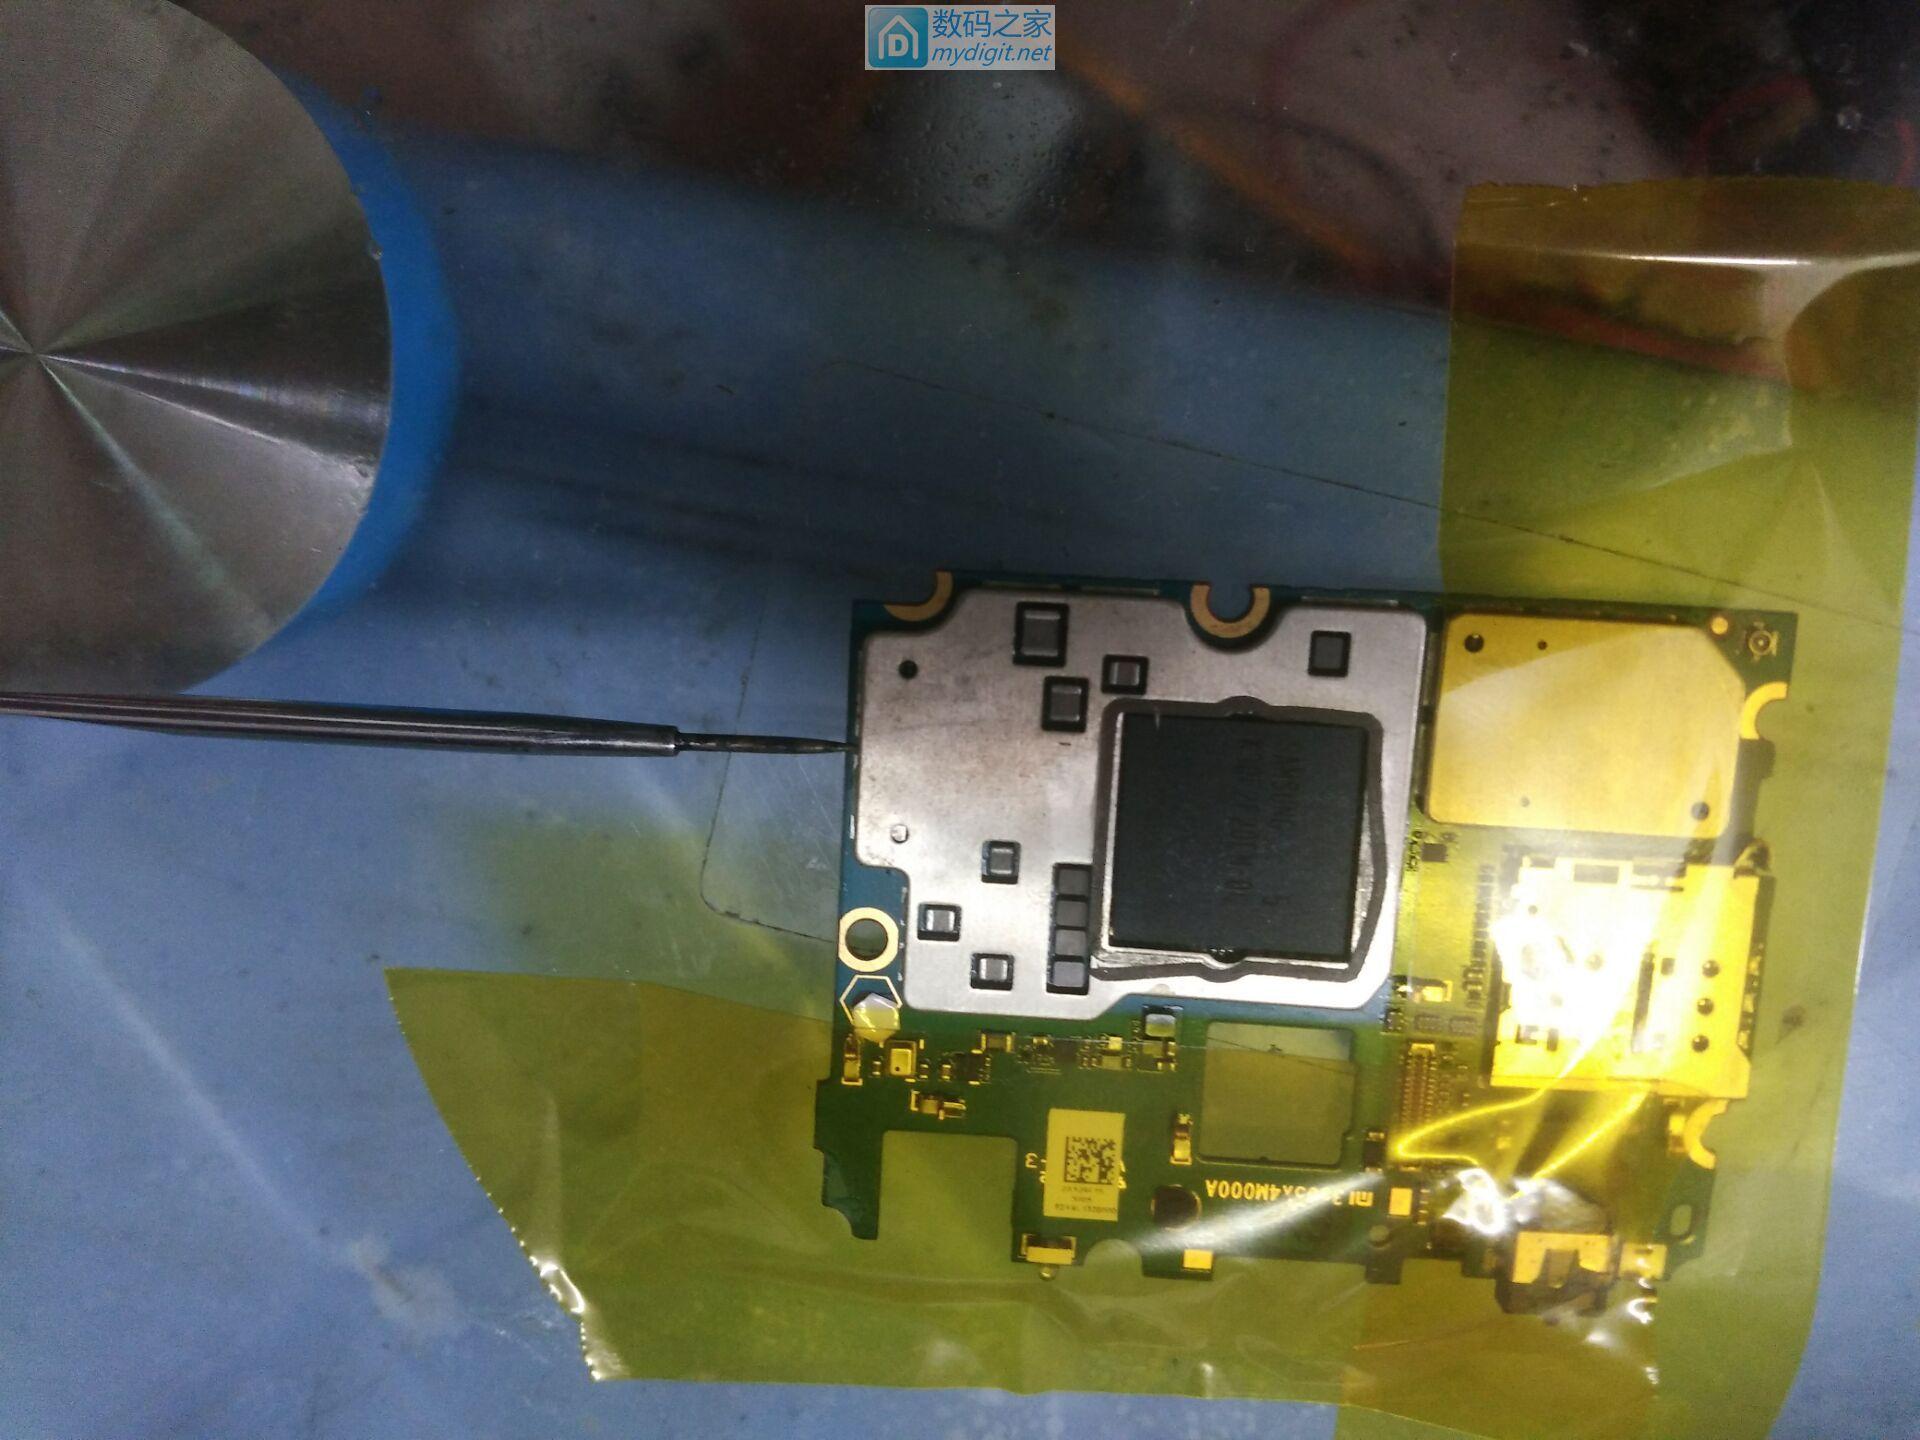 小米手机扩容、升级运行暂存和内存的详细教程和常见问题解决(完整版)